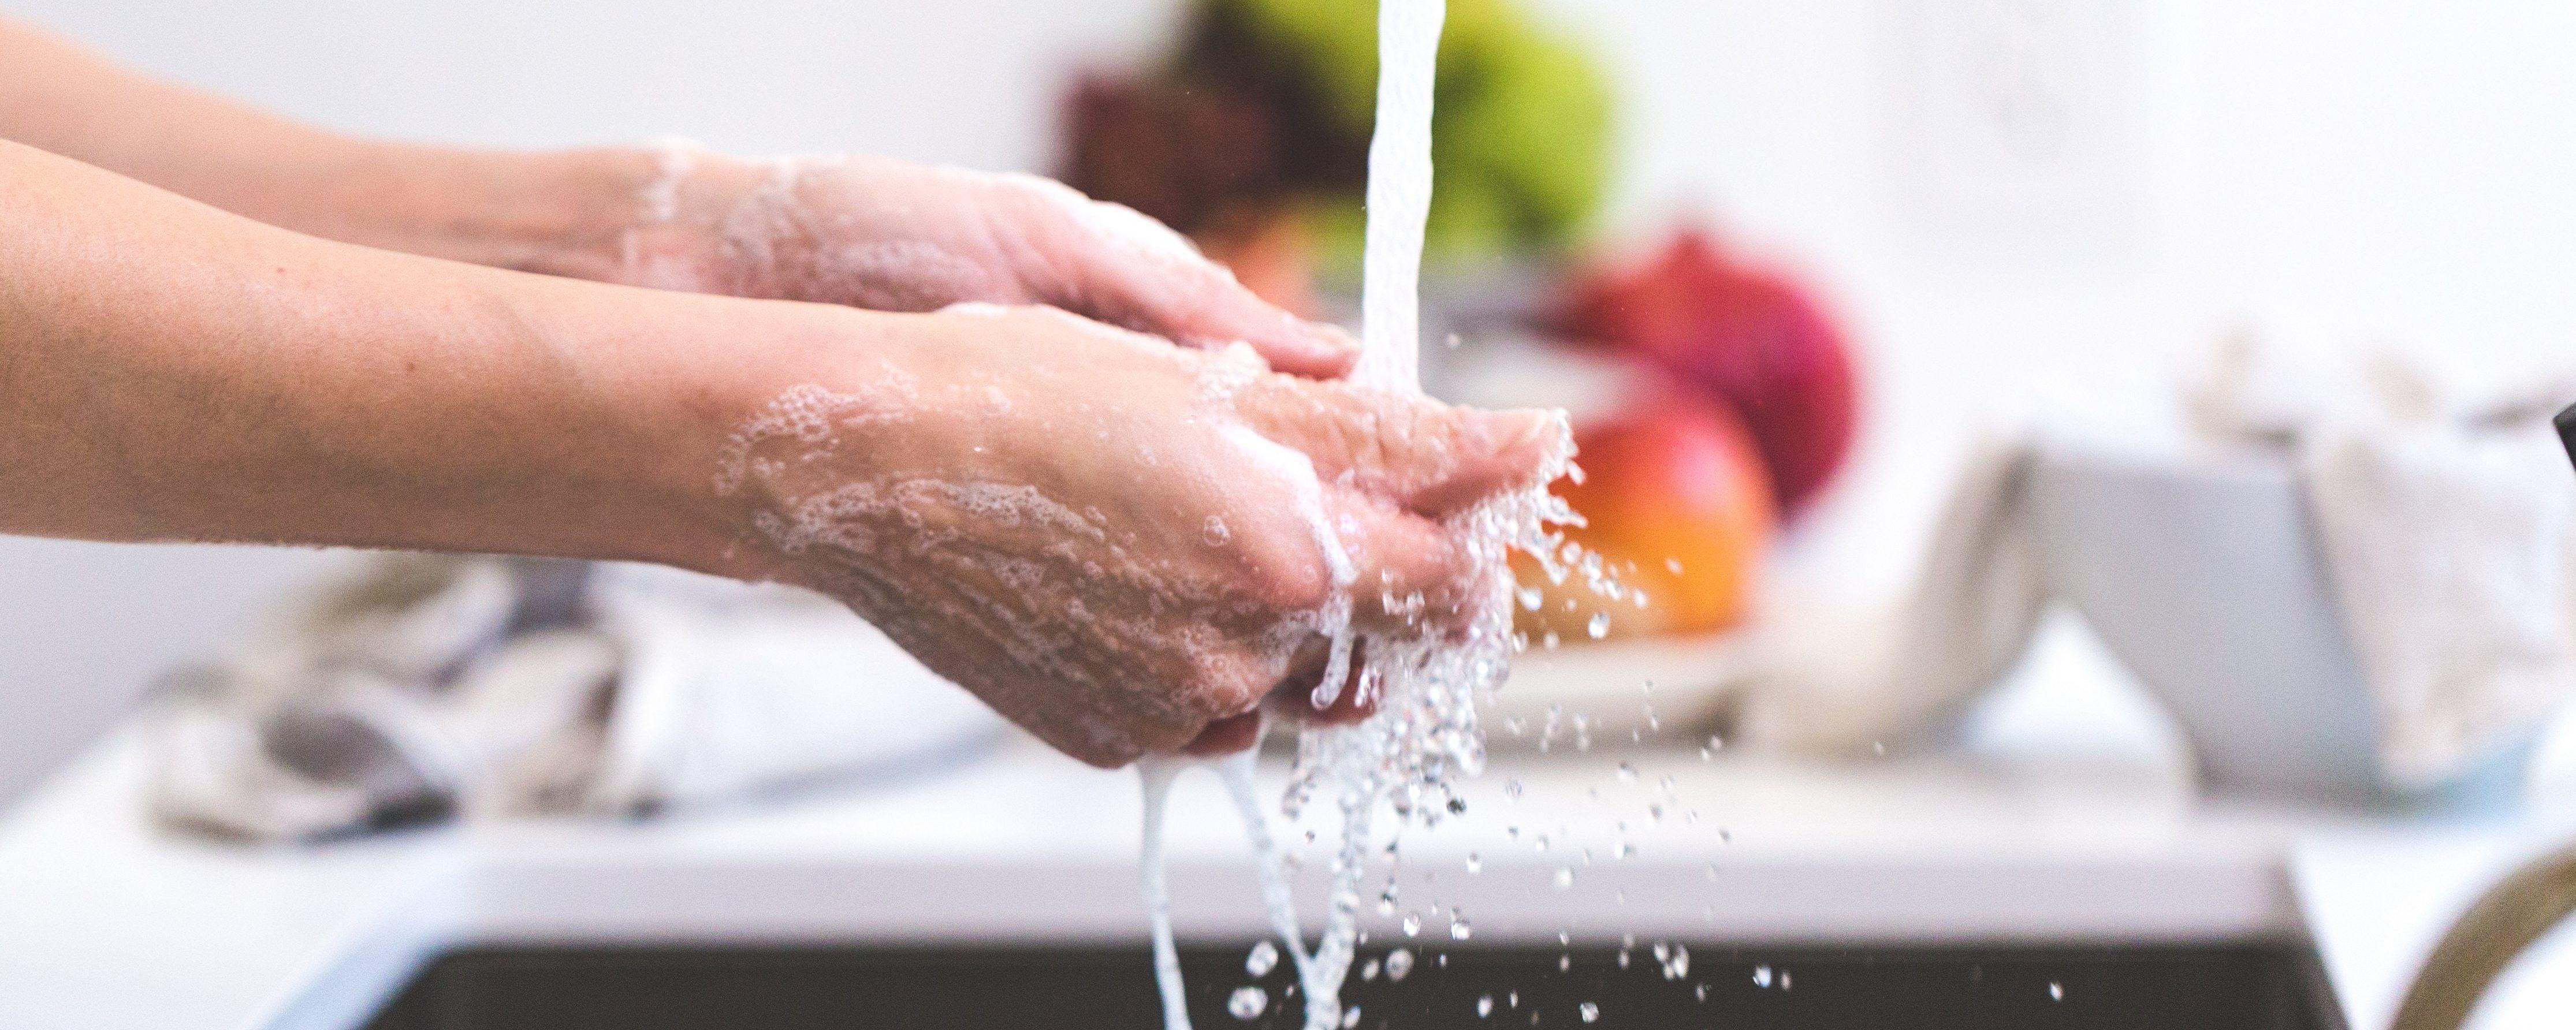 schmuck-reiniggen-designer-diamonds-muenchen-augsburg-cooking-hands-handwashin